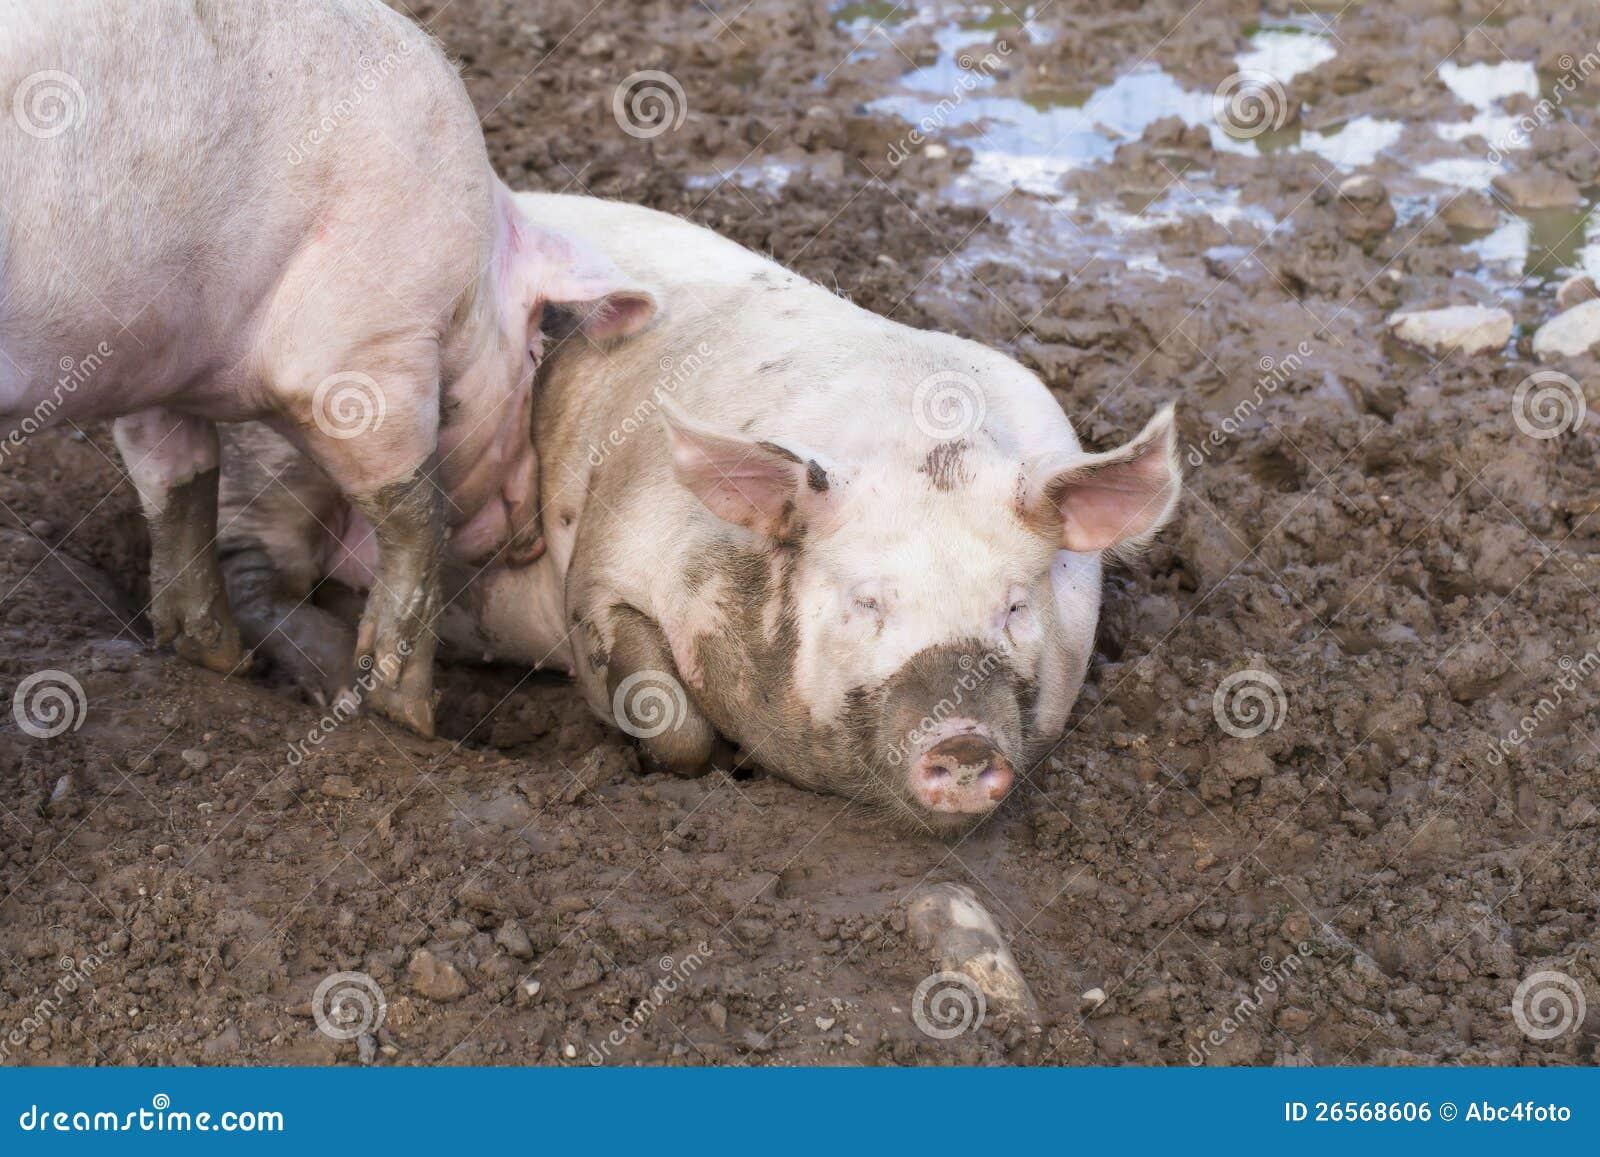 Zwei Schweine, Die Im Schlamm Schlafen Stockfoto - Bild